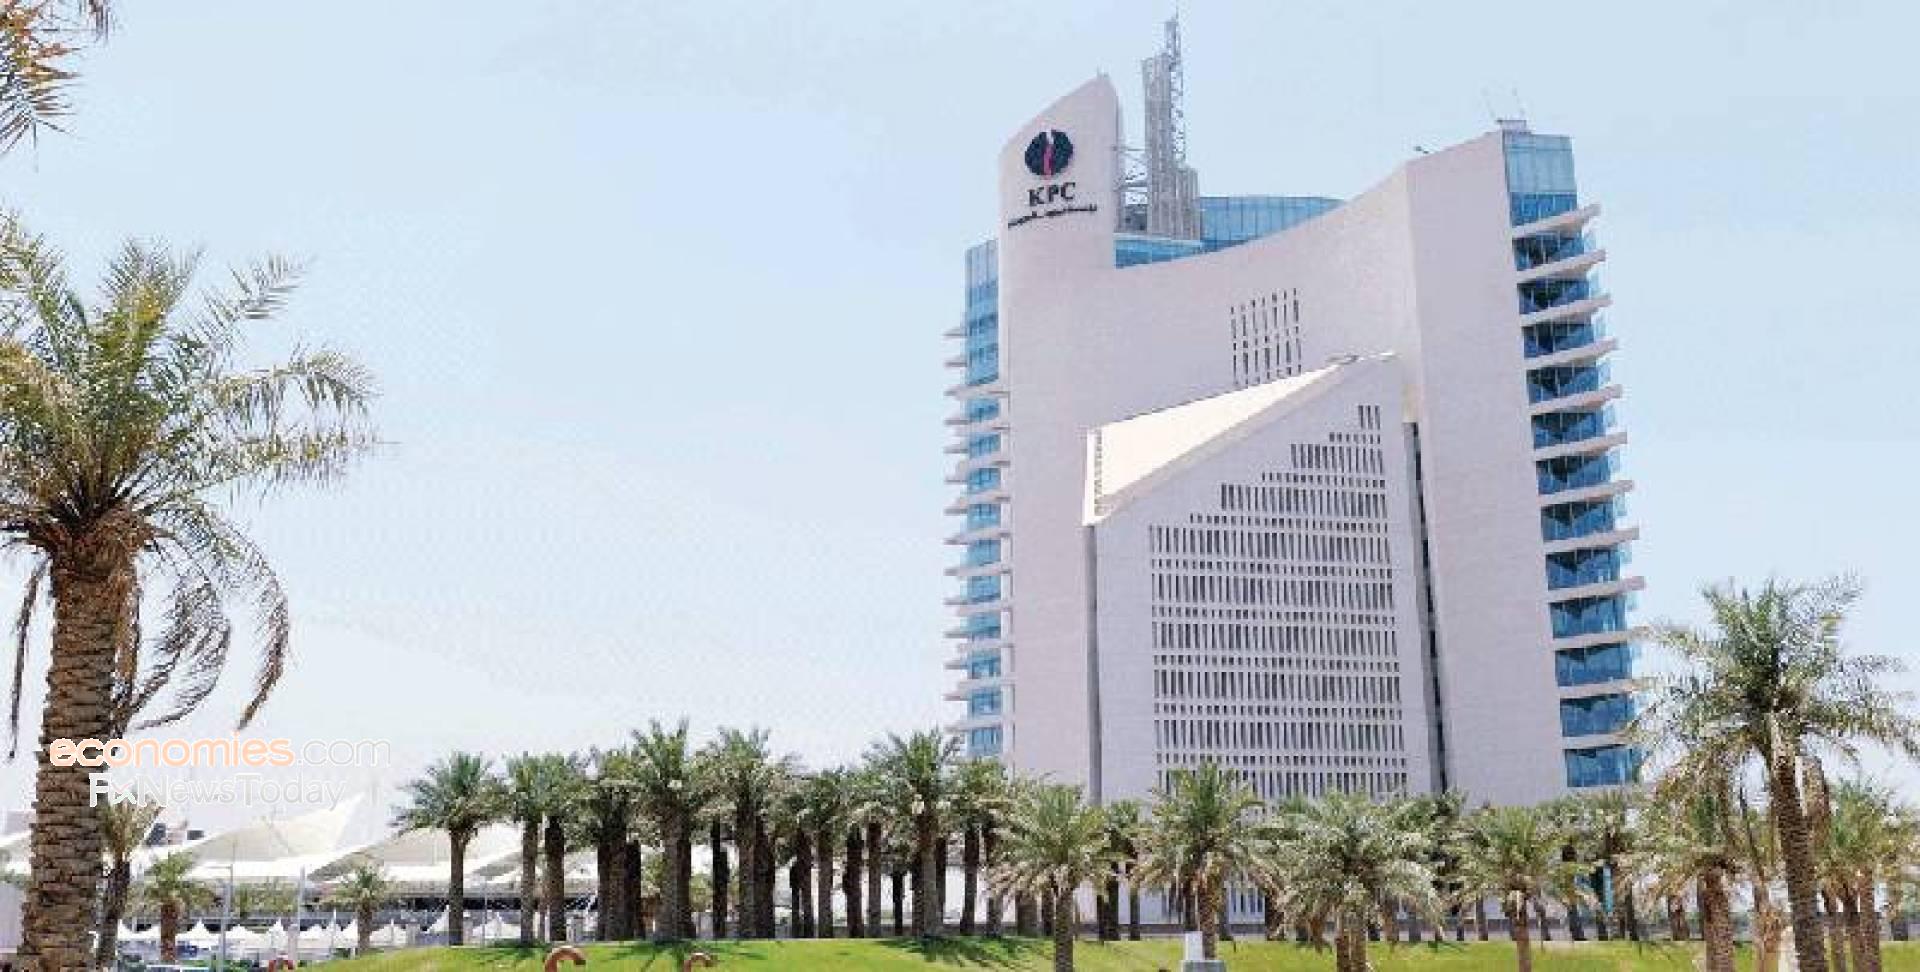 مؤسسة البترول الكويتية تُعد قائمة سوداء للمقاولين المتعثّرين في القطاع النفطي